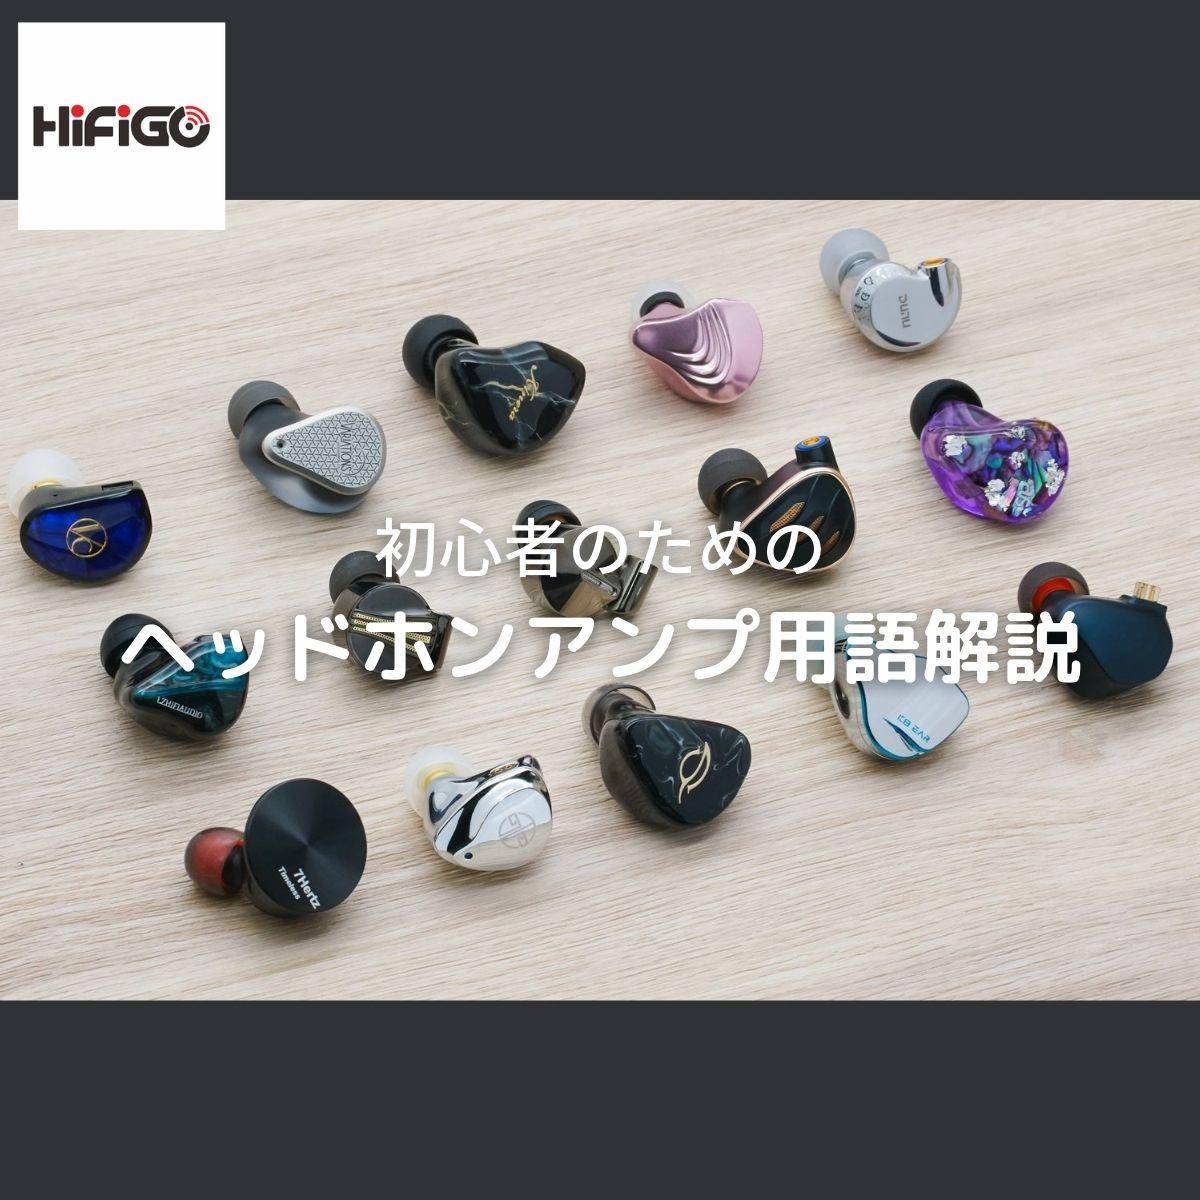 【HiFiGOガイド】初心者のためのヘッドホンアンプ用語解説:ボリューム、ゲイン、ヘッドルーム